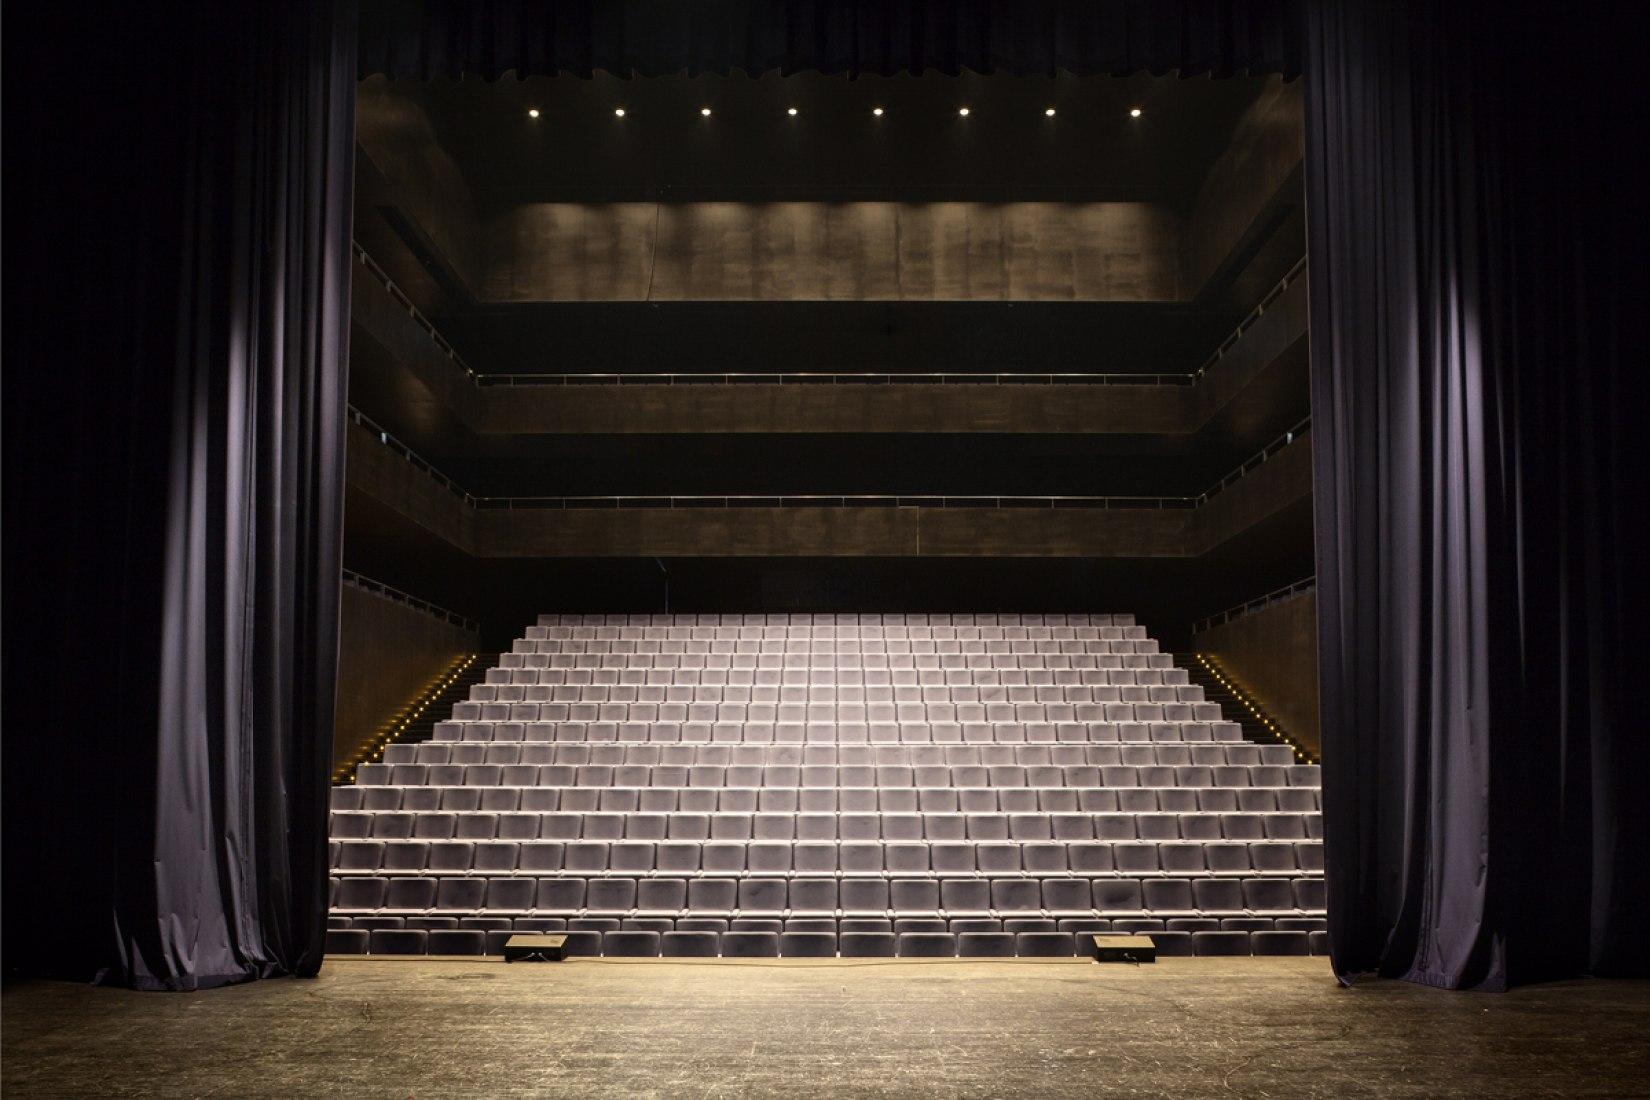 Auditorio de la Música Águilas, España. Barozzi veiga Arquitectos. Año 2012. Fotografía © Mariela Apollonio.